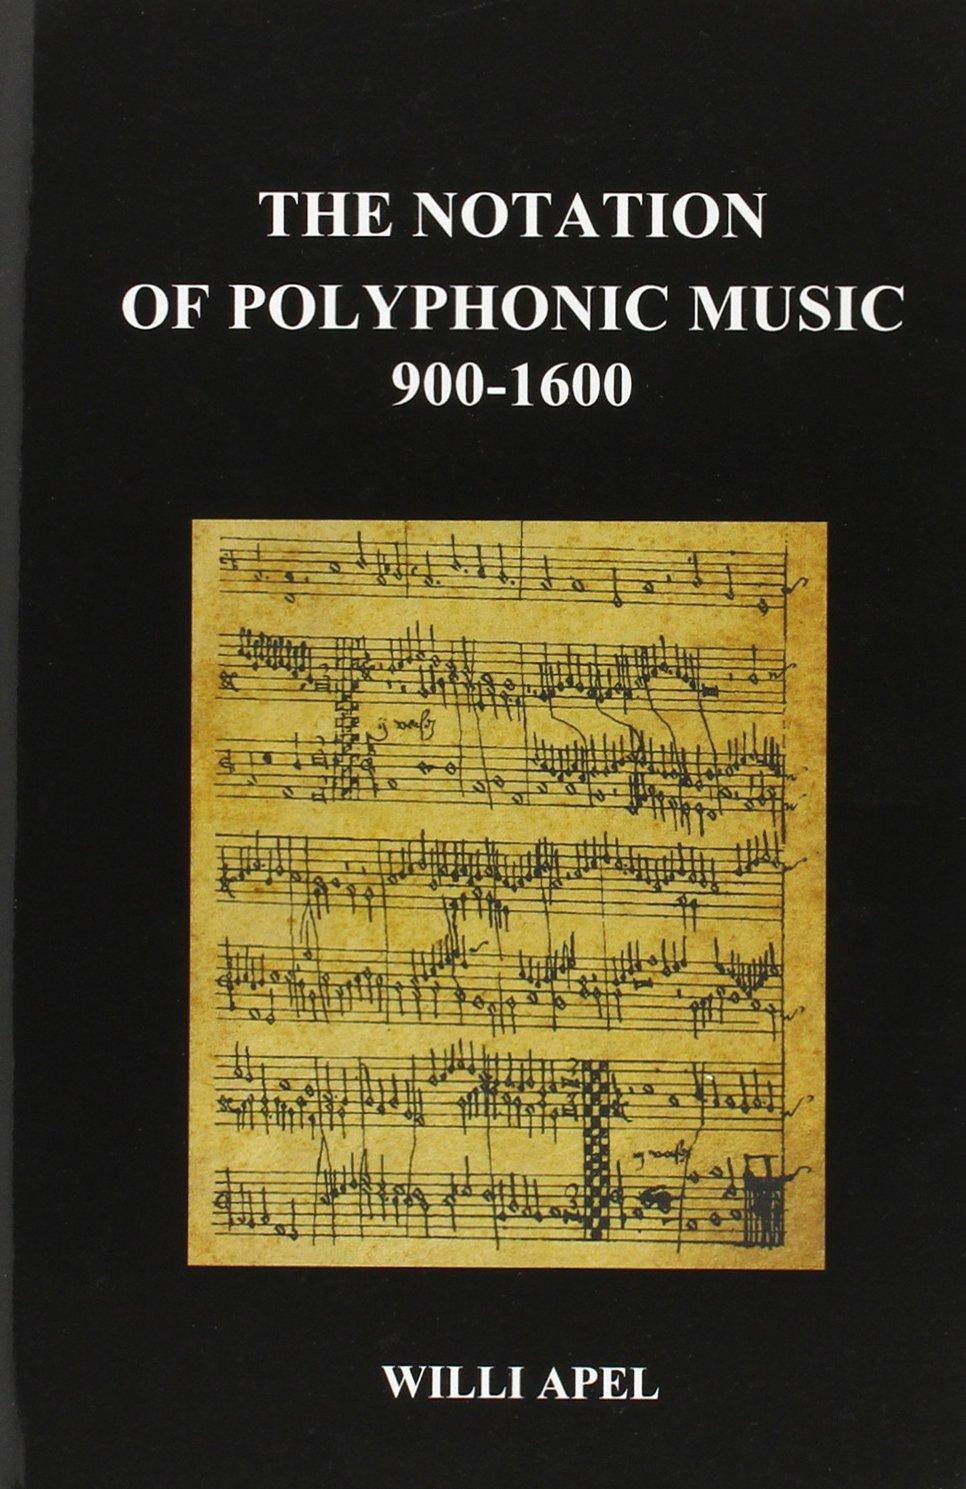 La question musicale du jour (3) - Page 2 71O9SGRLb%2BL